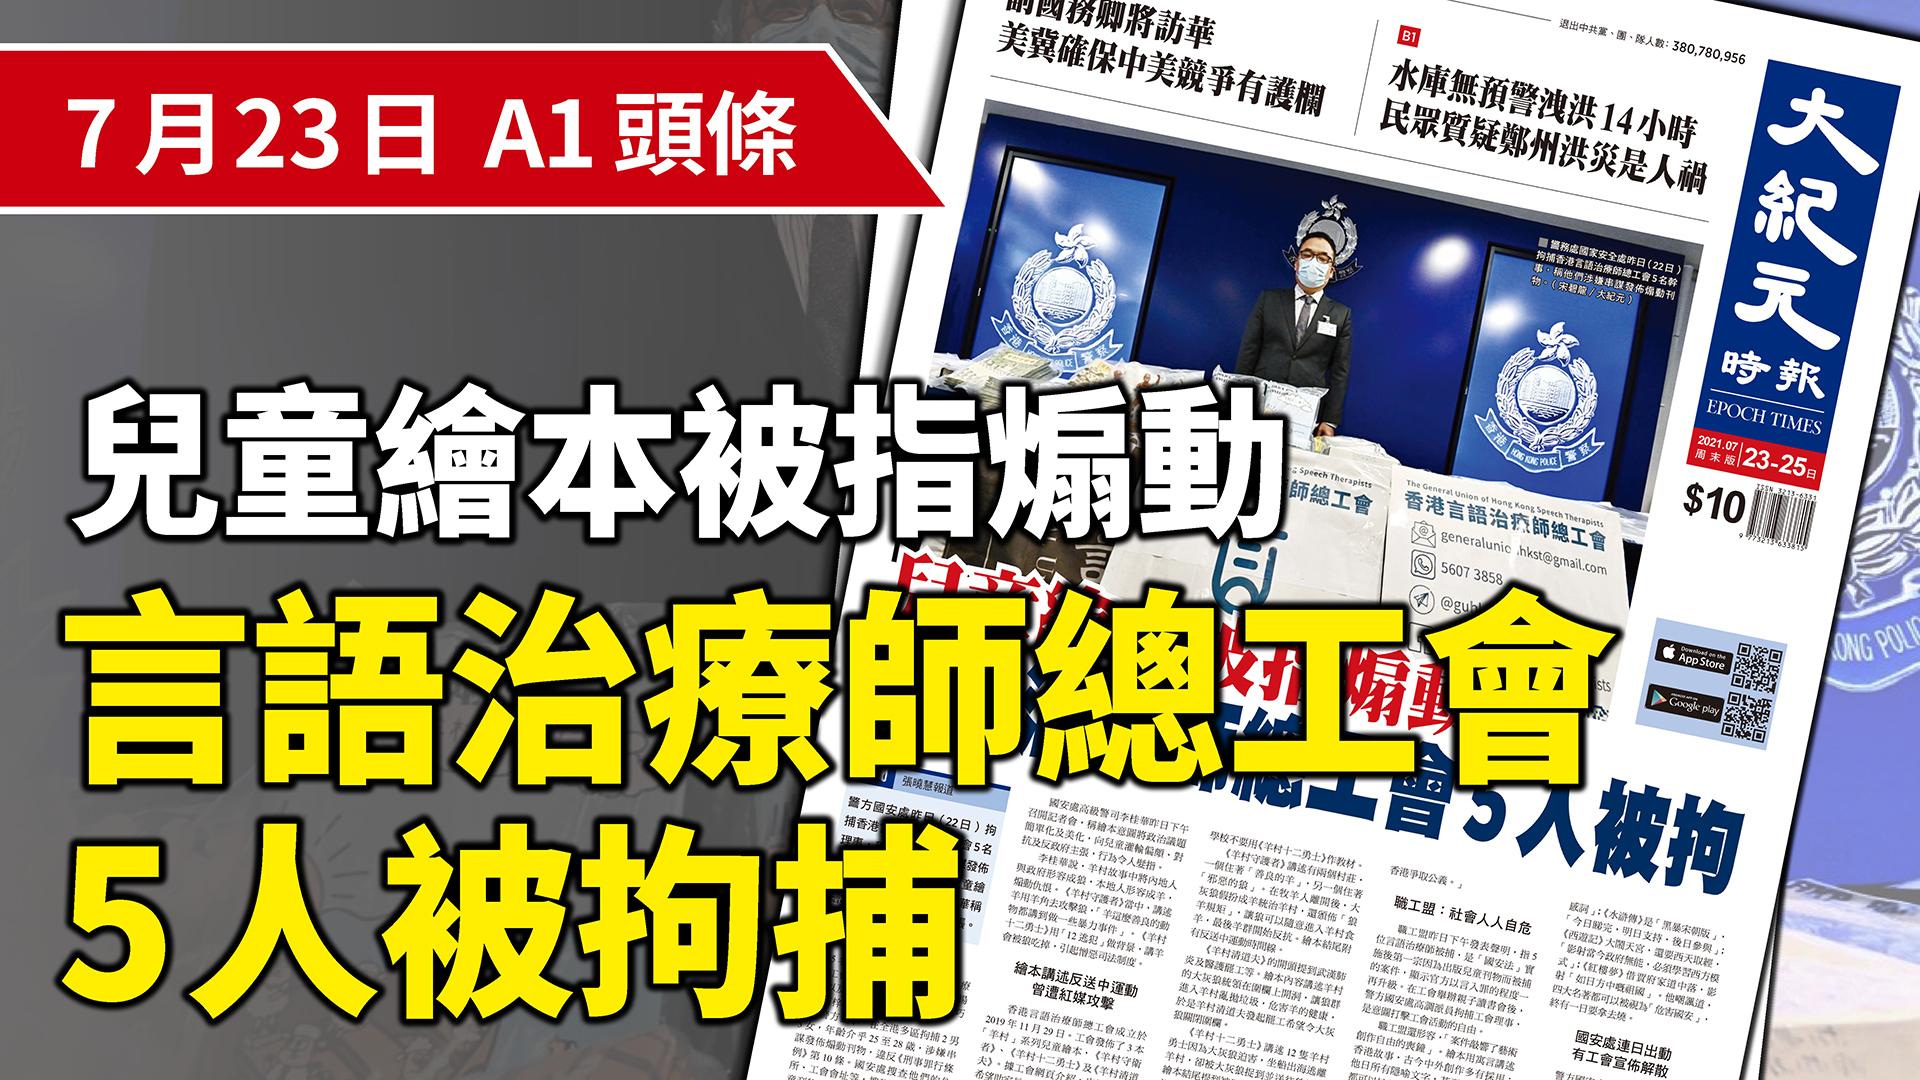 警務處國家安全處昨日(22日)拘捕香港言語治療師總工會5名幹事,稱他們涉嫌串謀發佈煽動刊物。(宋碧龍/大紀元)